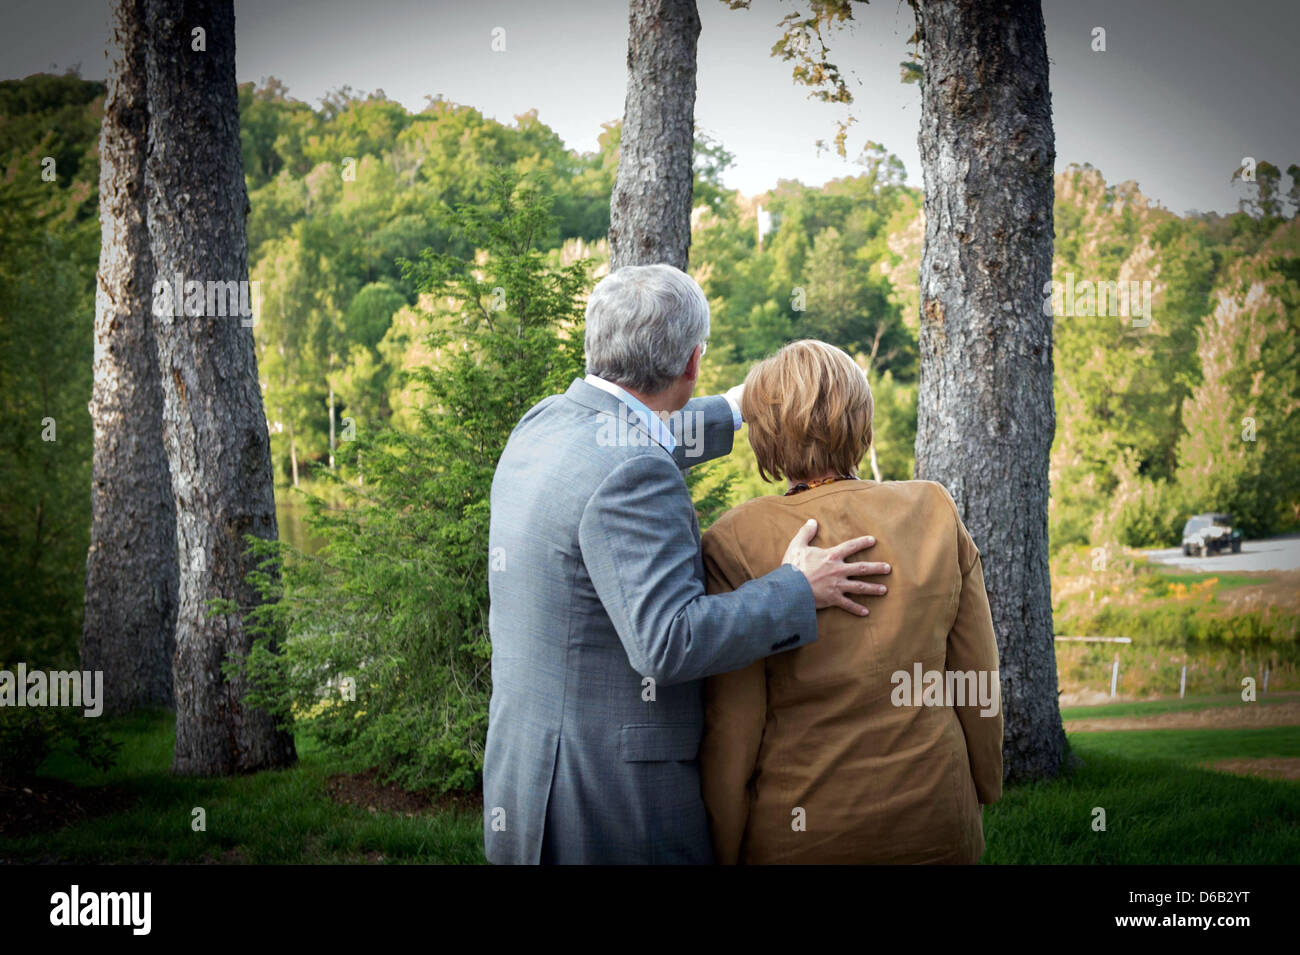 HANDOUT- Bundeskanzlerin Angela Merkel und der kanadische Premierminister Stephen Harper unterhalten sich - Stock Image